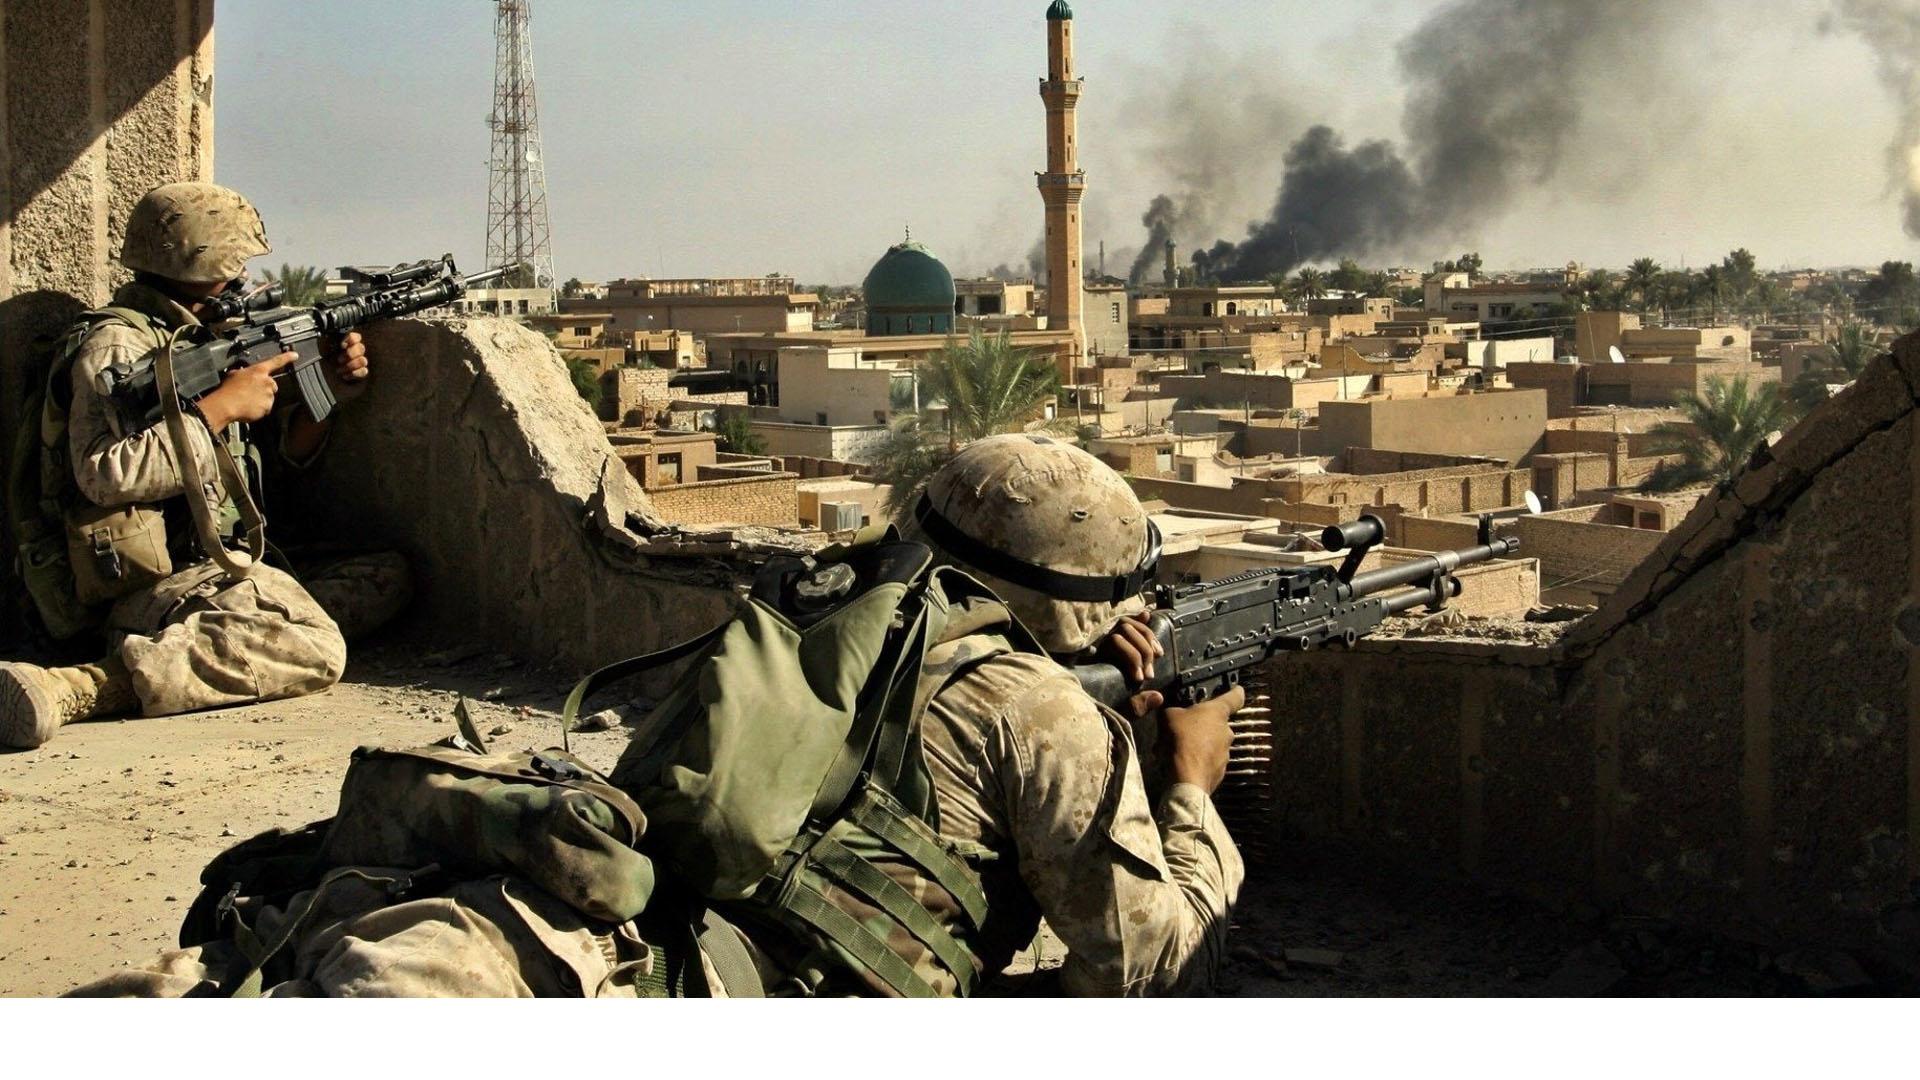 Continuan los ataques en Bagdad